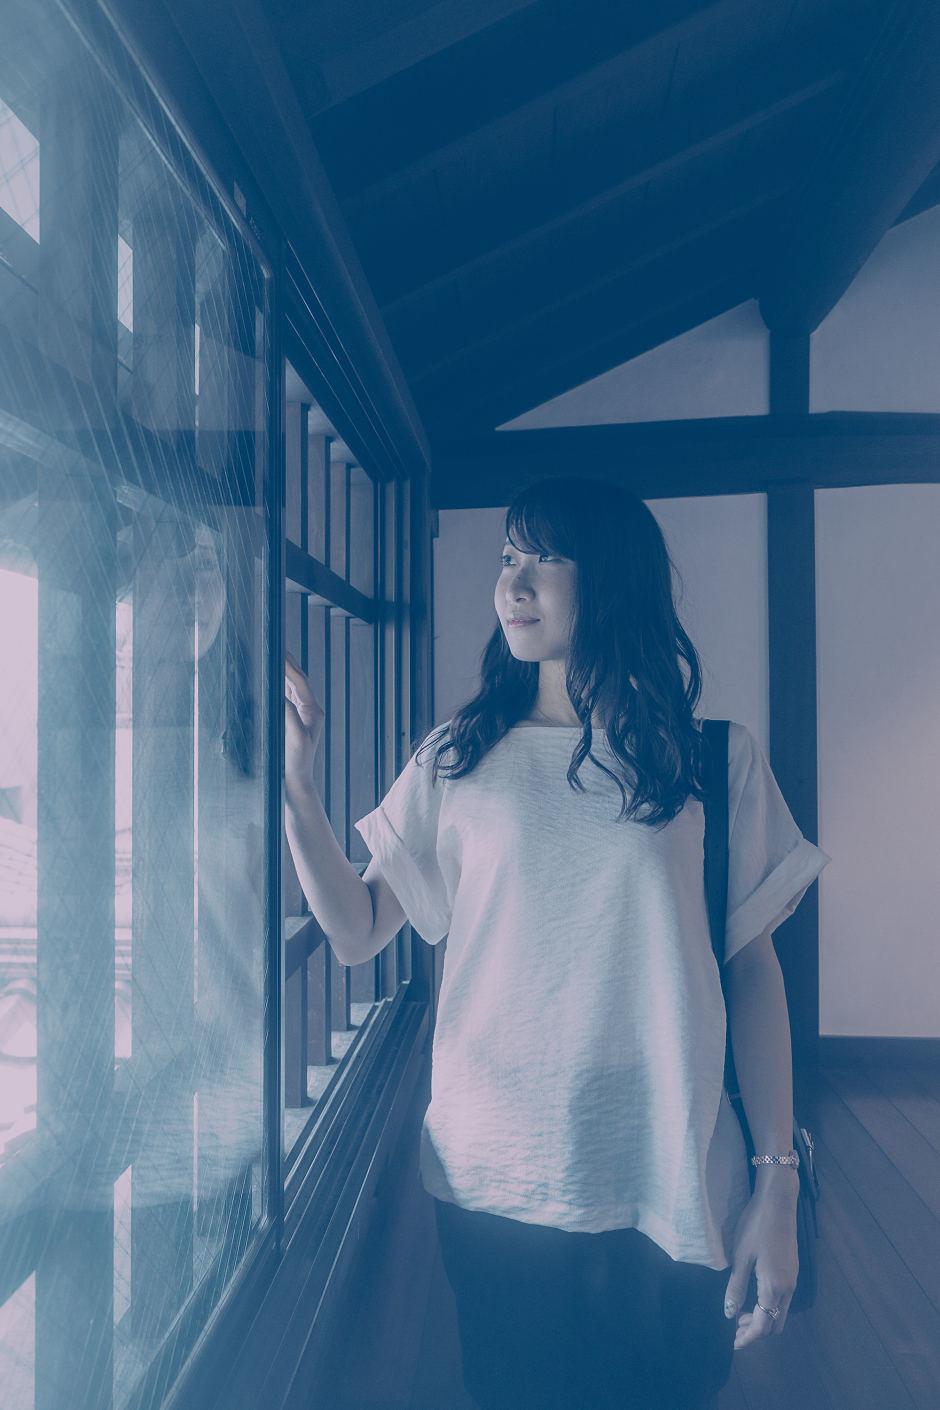 奈良町_f0021869_22313067.jpg